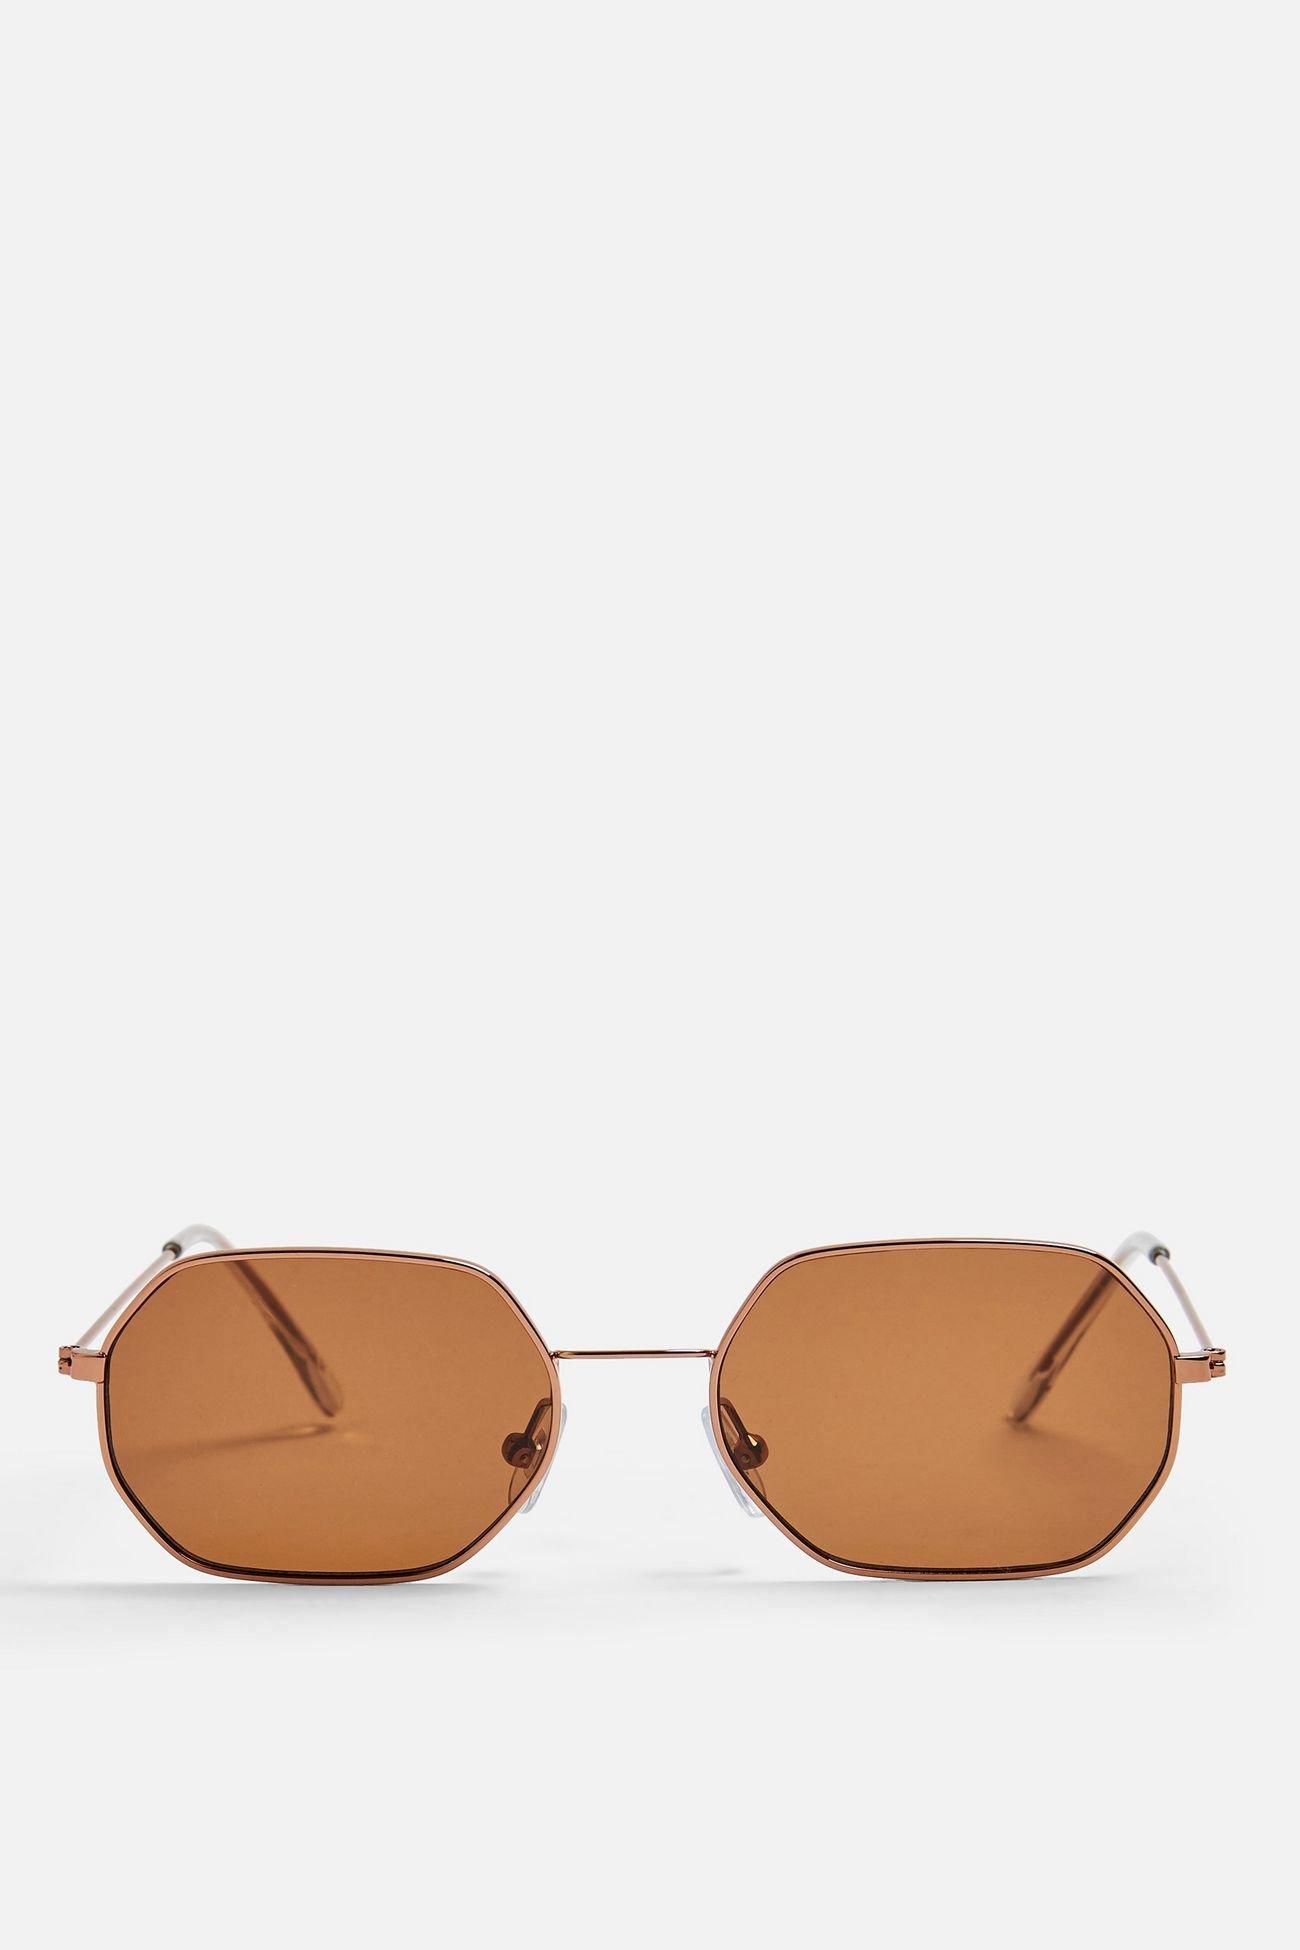 KATY Brown and Khaki Heptagon Sunglasses | Topshop